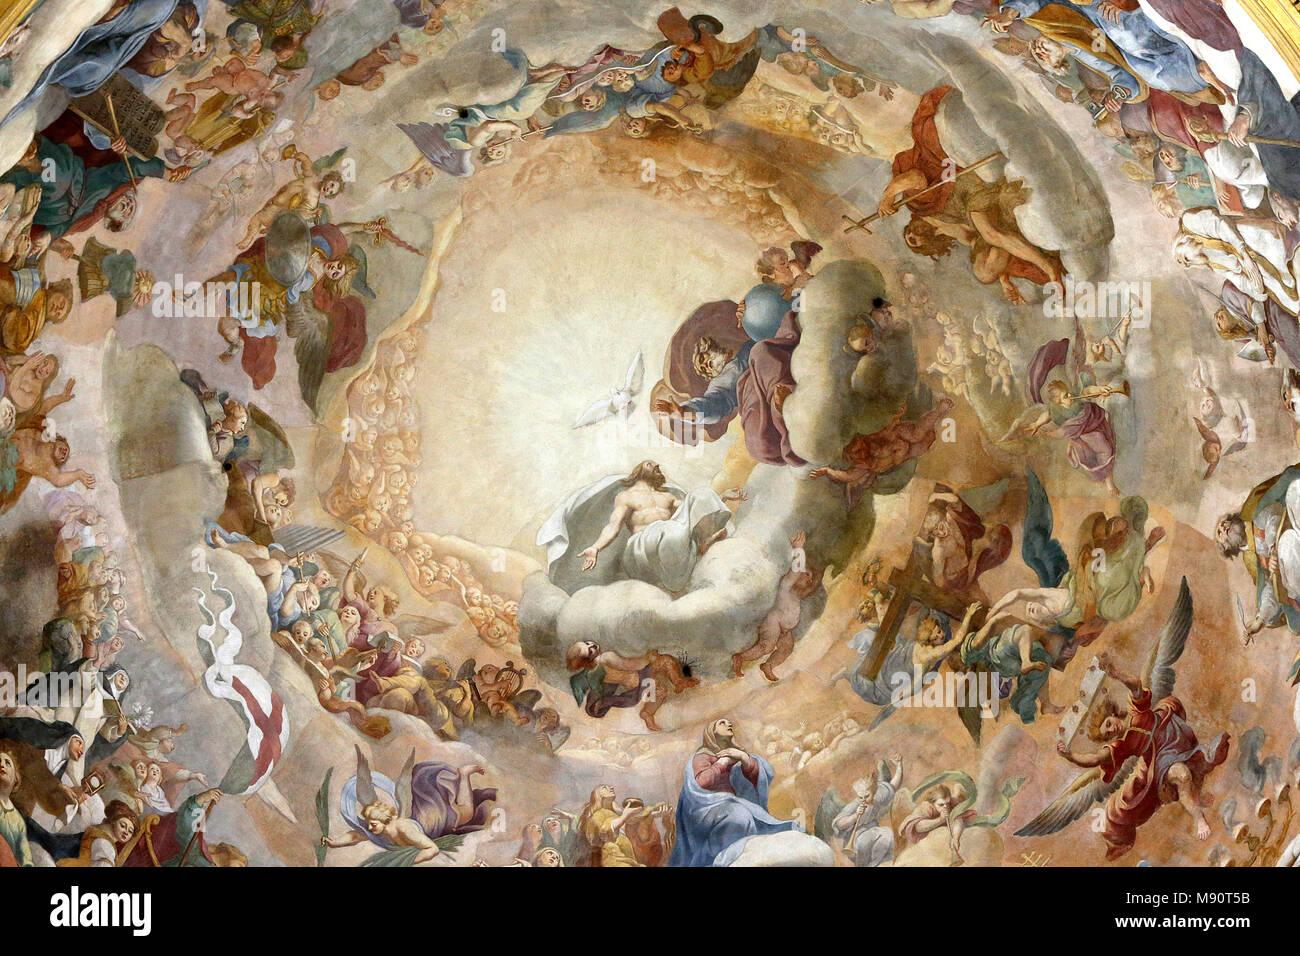 Notre-Dame du Val-de-Grace catholic church, Paris, France. Dome fresco. Stock Photo